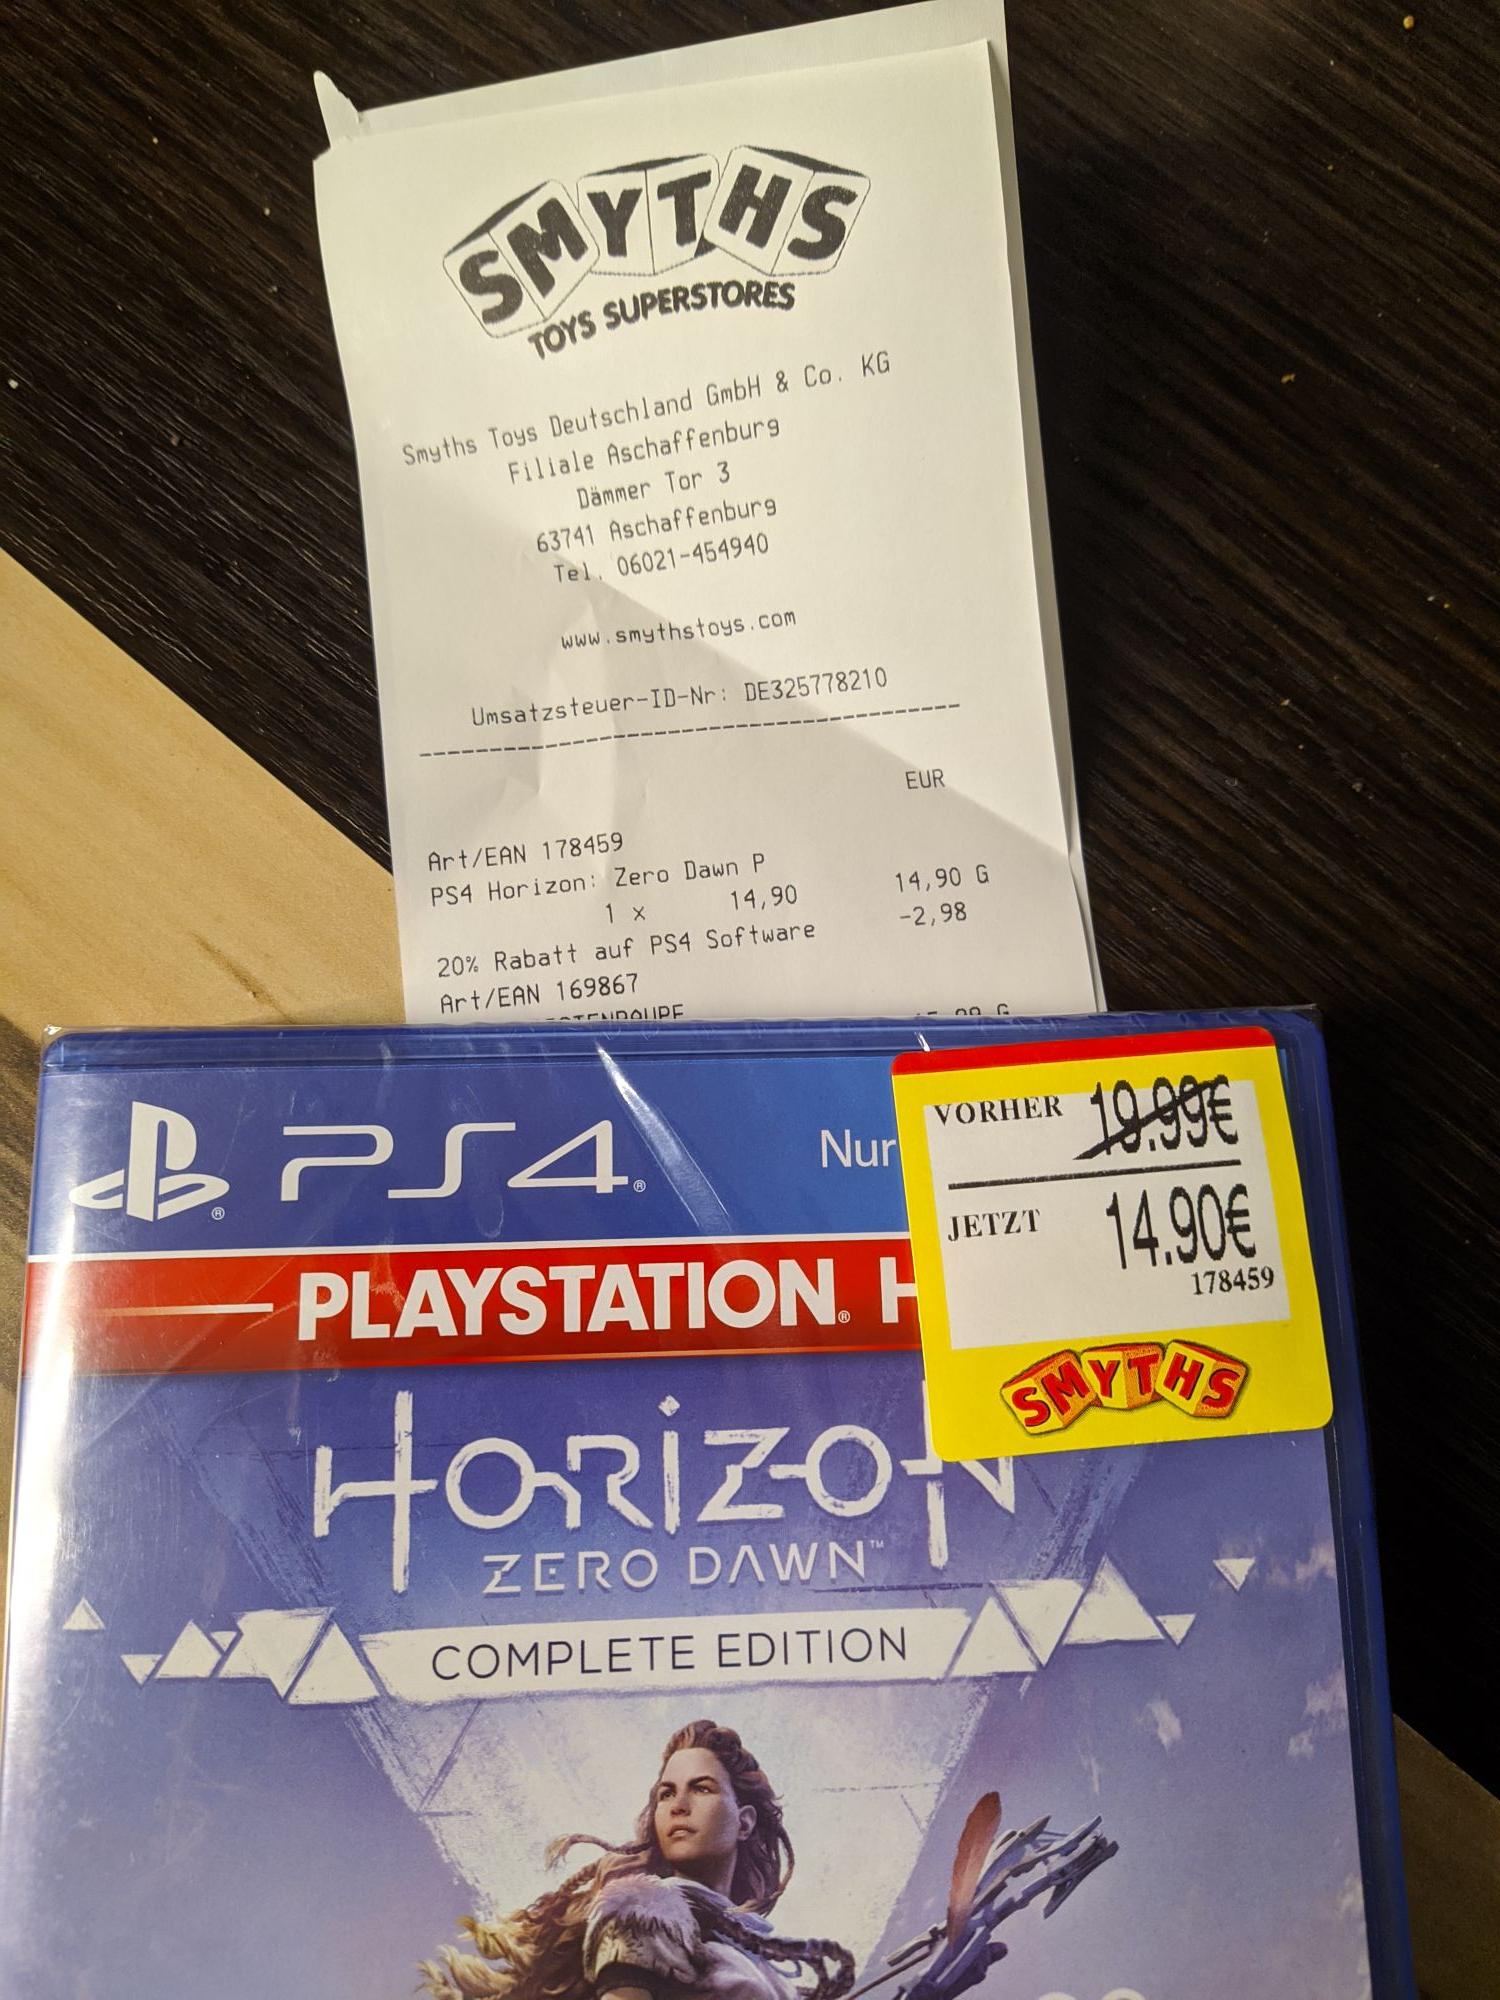 Lokal Smyths Toys Aschaffenburg, God of War 3 remastered, horizon zero dawn 11,92 - weitere PS4 Spiele verfügbar